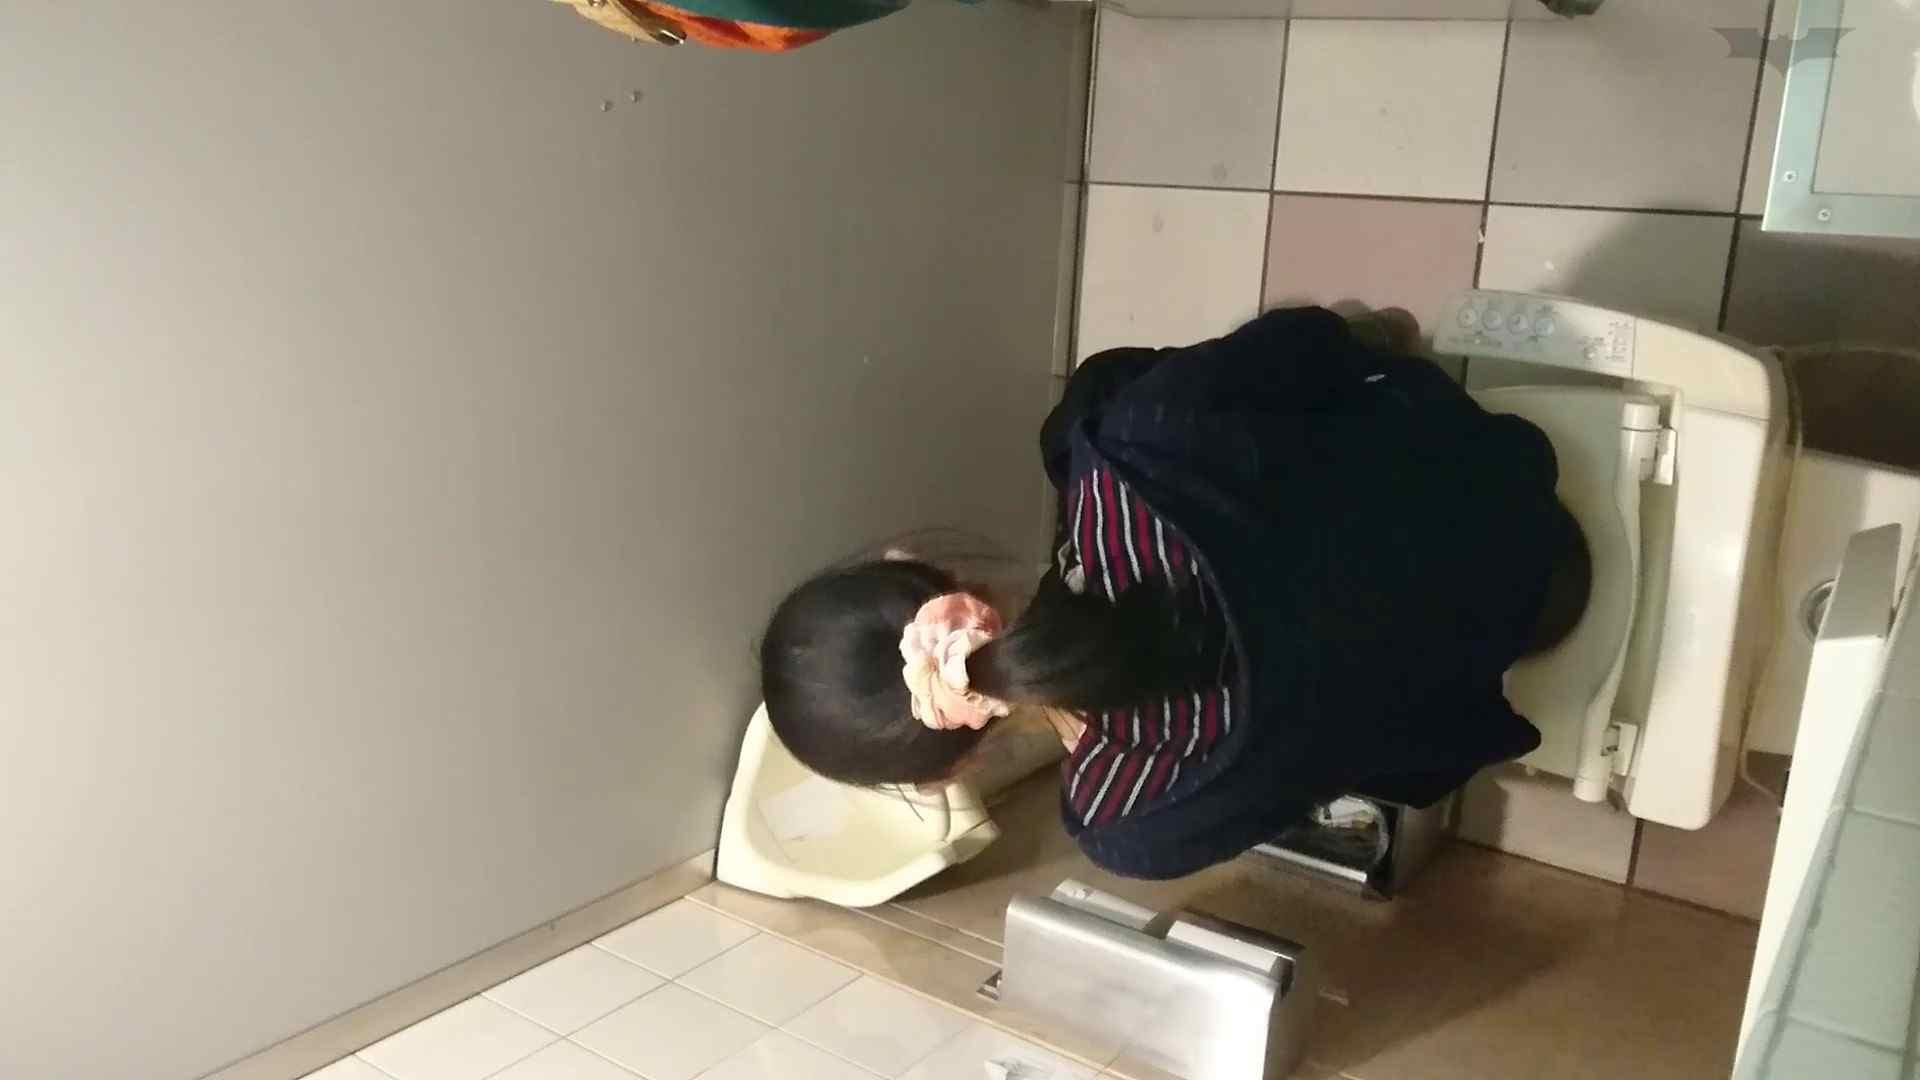 化粧室絵巻 ショッピングモール編 VOL.18 美肌  79PIX 35